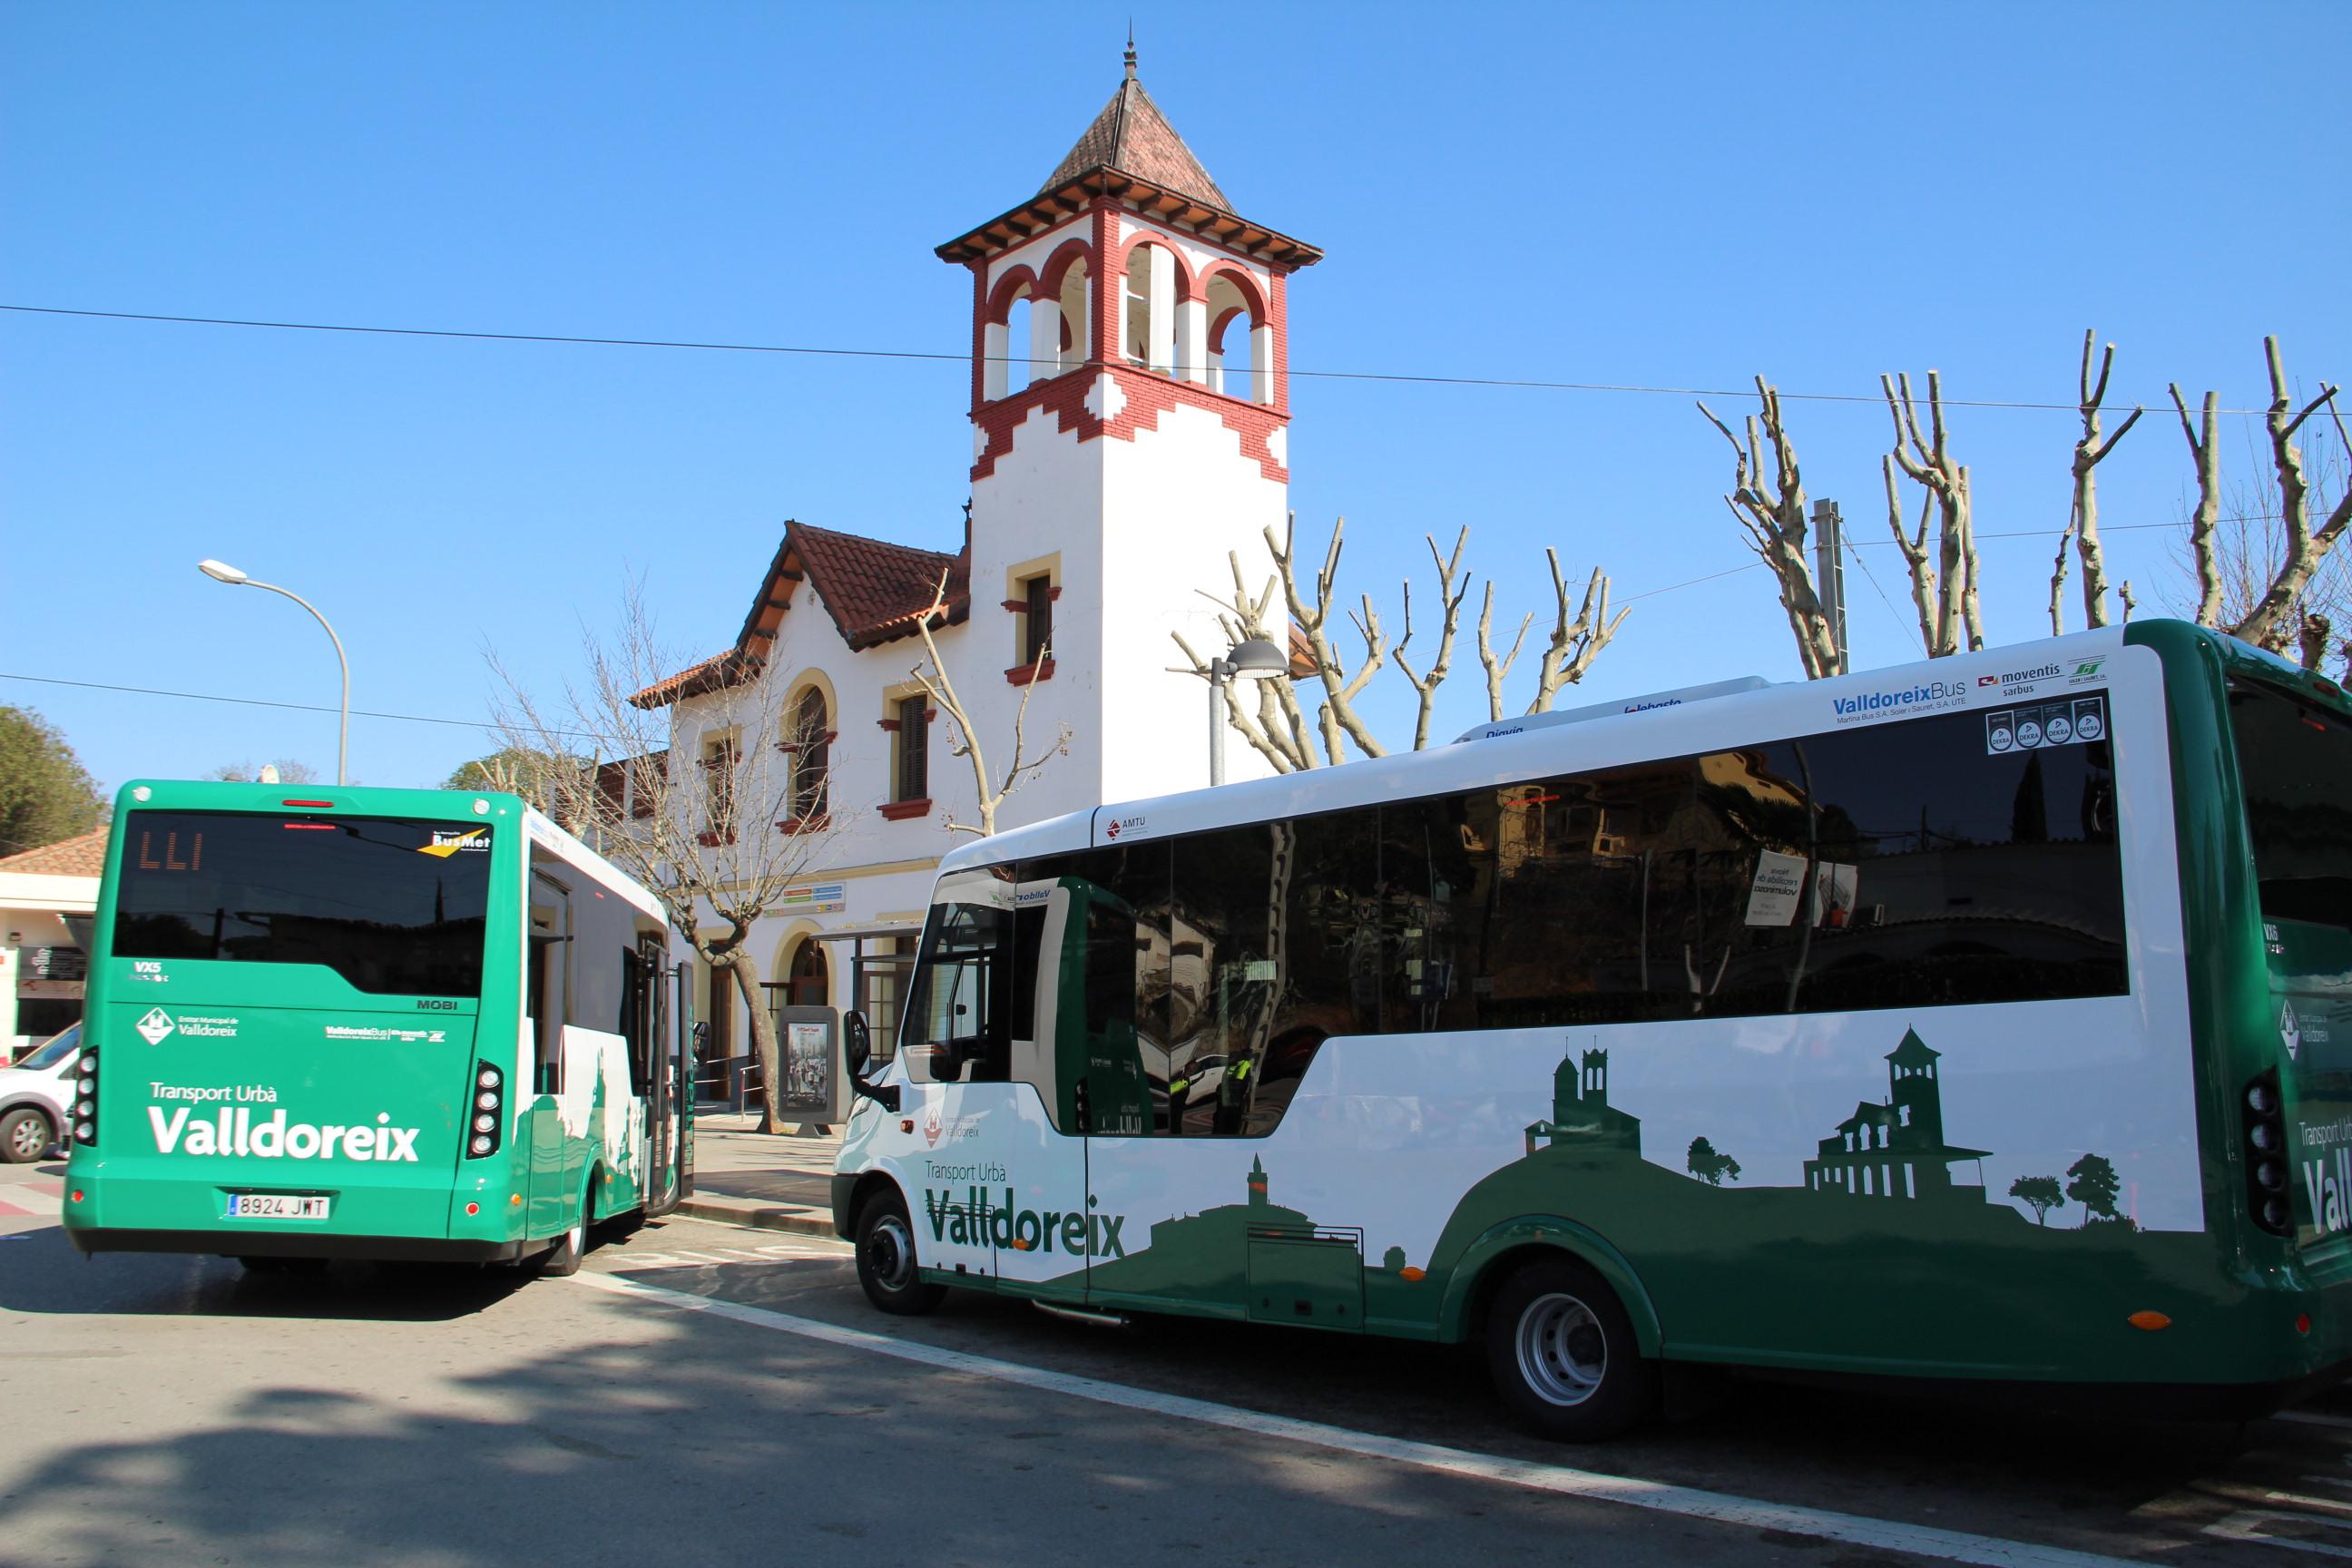 El nou bus de Valldoreix, vehicle d'exposició a la Fira Internacional de l'Autocar i l'Autobús de Madrid